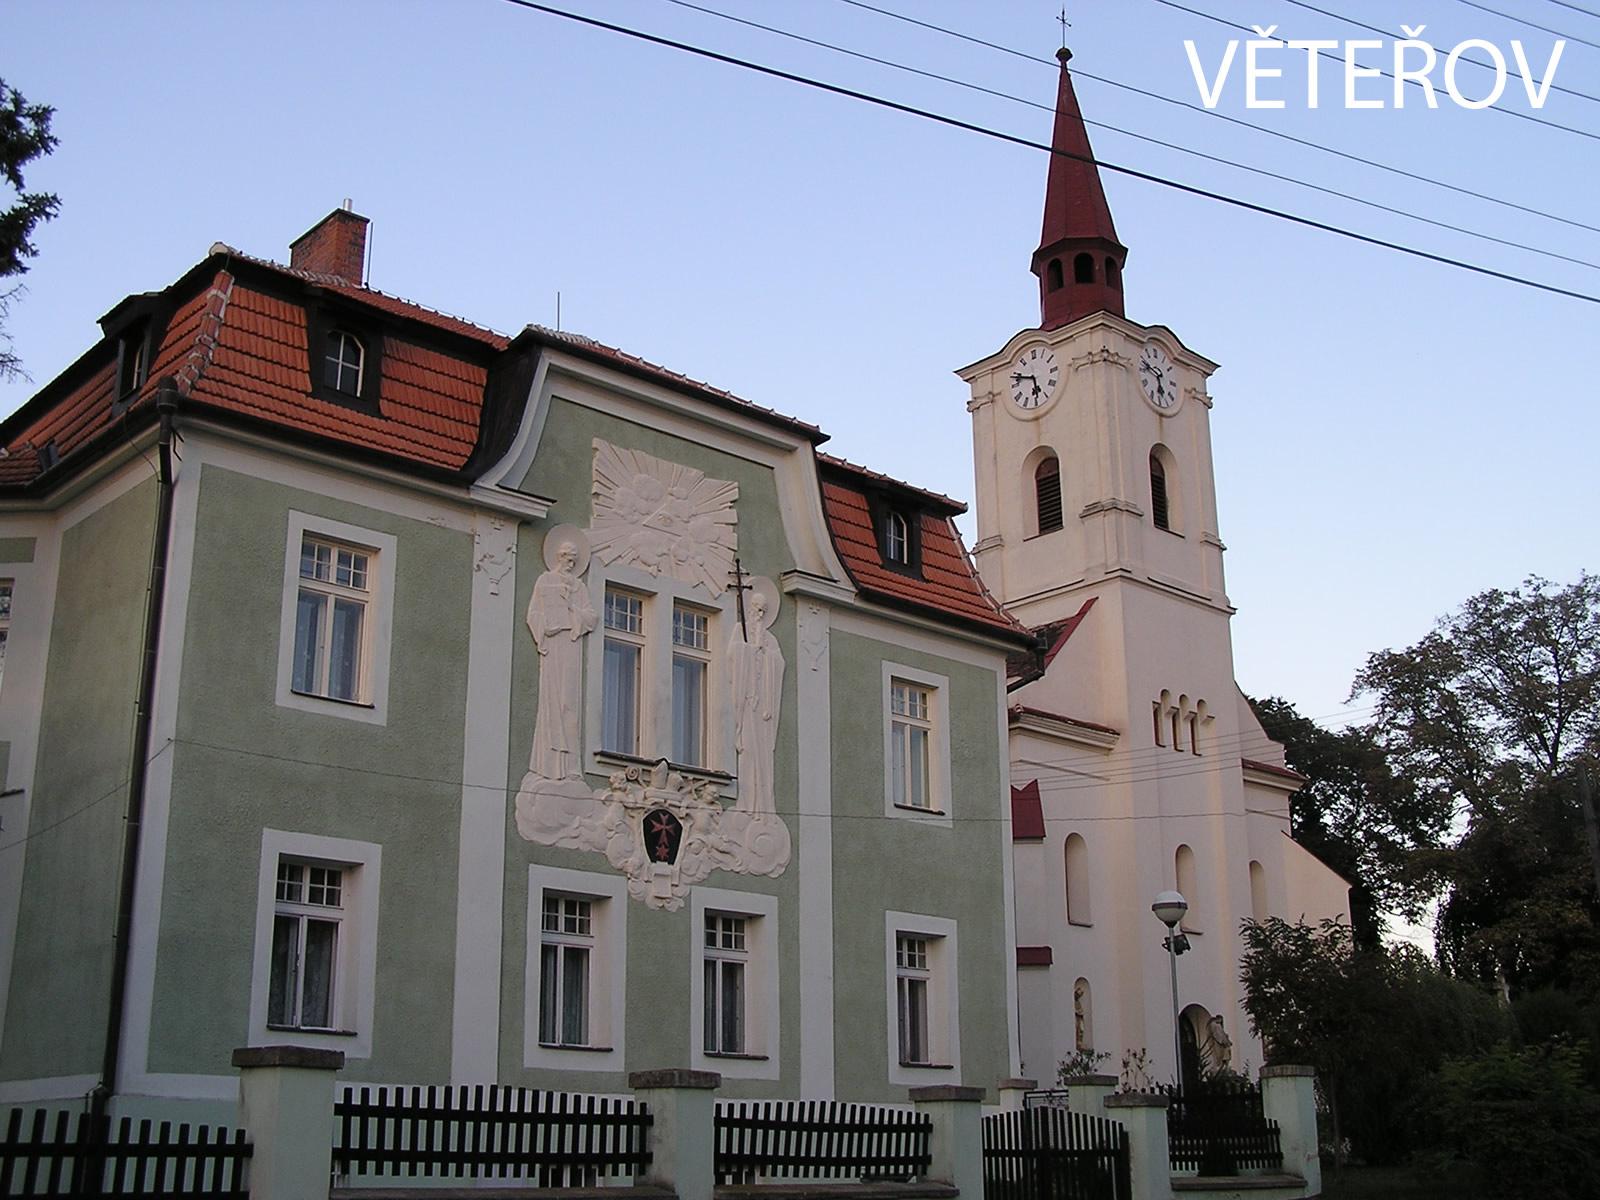 7-Veterov